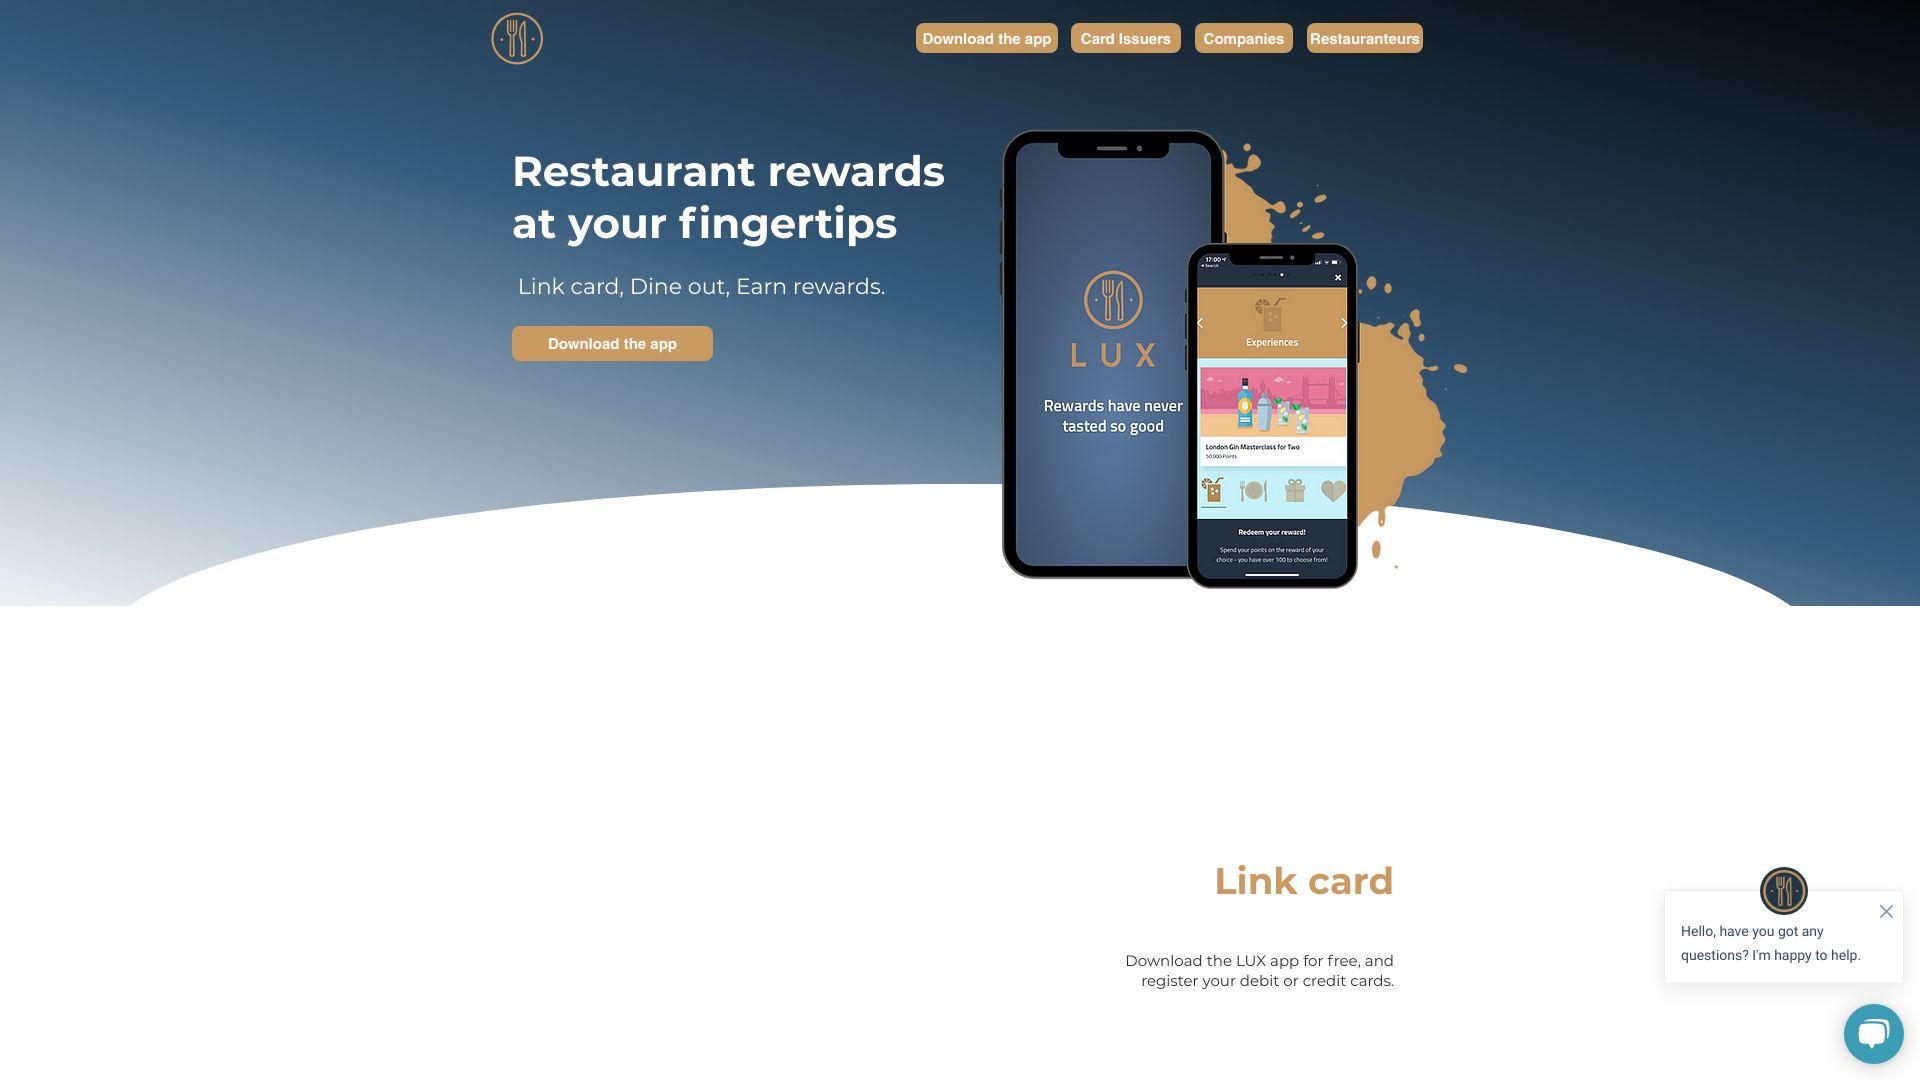 LUX Rewards screenshot